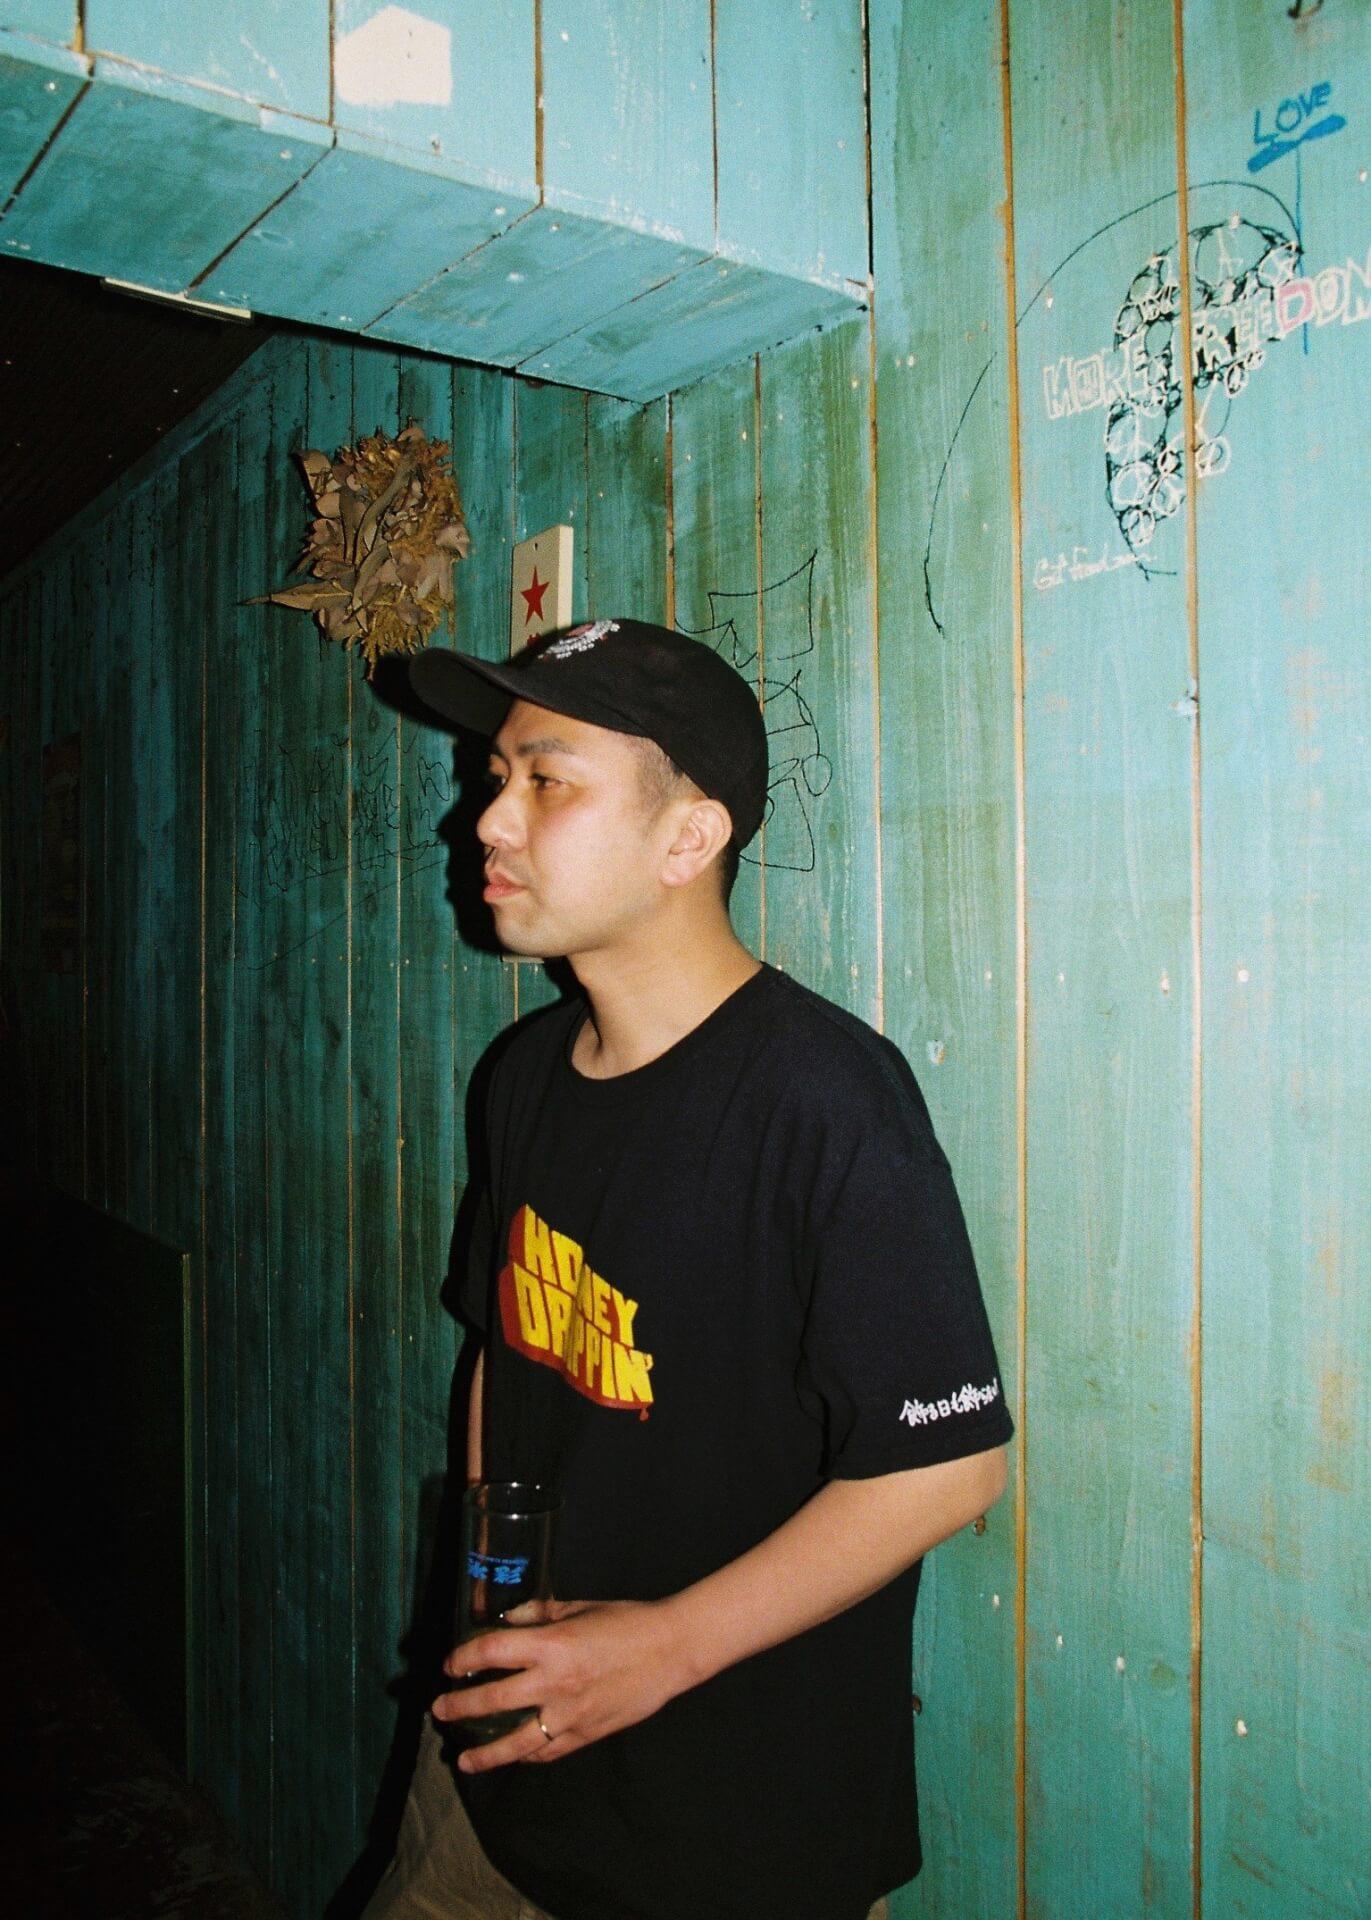 共にいる人たちへの郷愁──股旅(DUSTY HUSKY × DJ SHOKI × にっちょめ)、インタビュー interview2106-matatabi-dliprecords-9